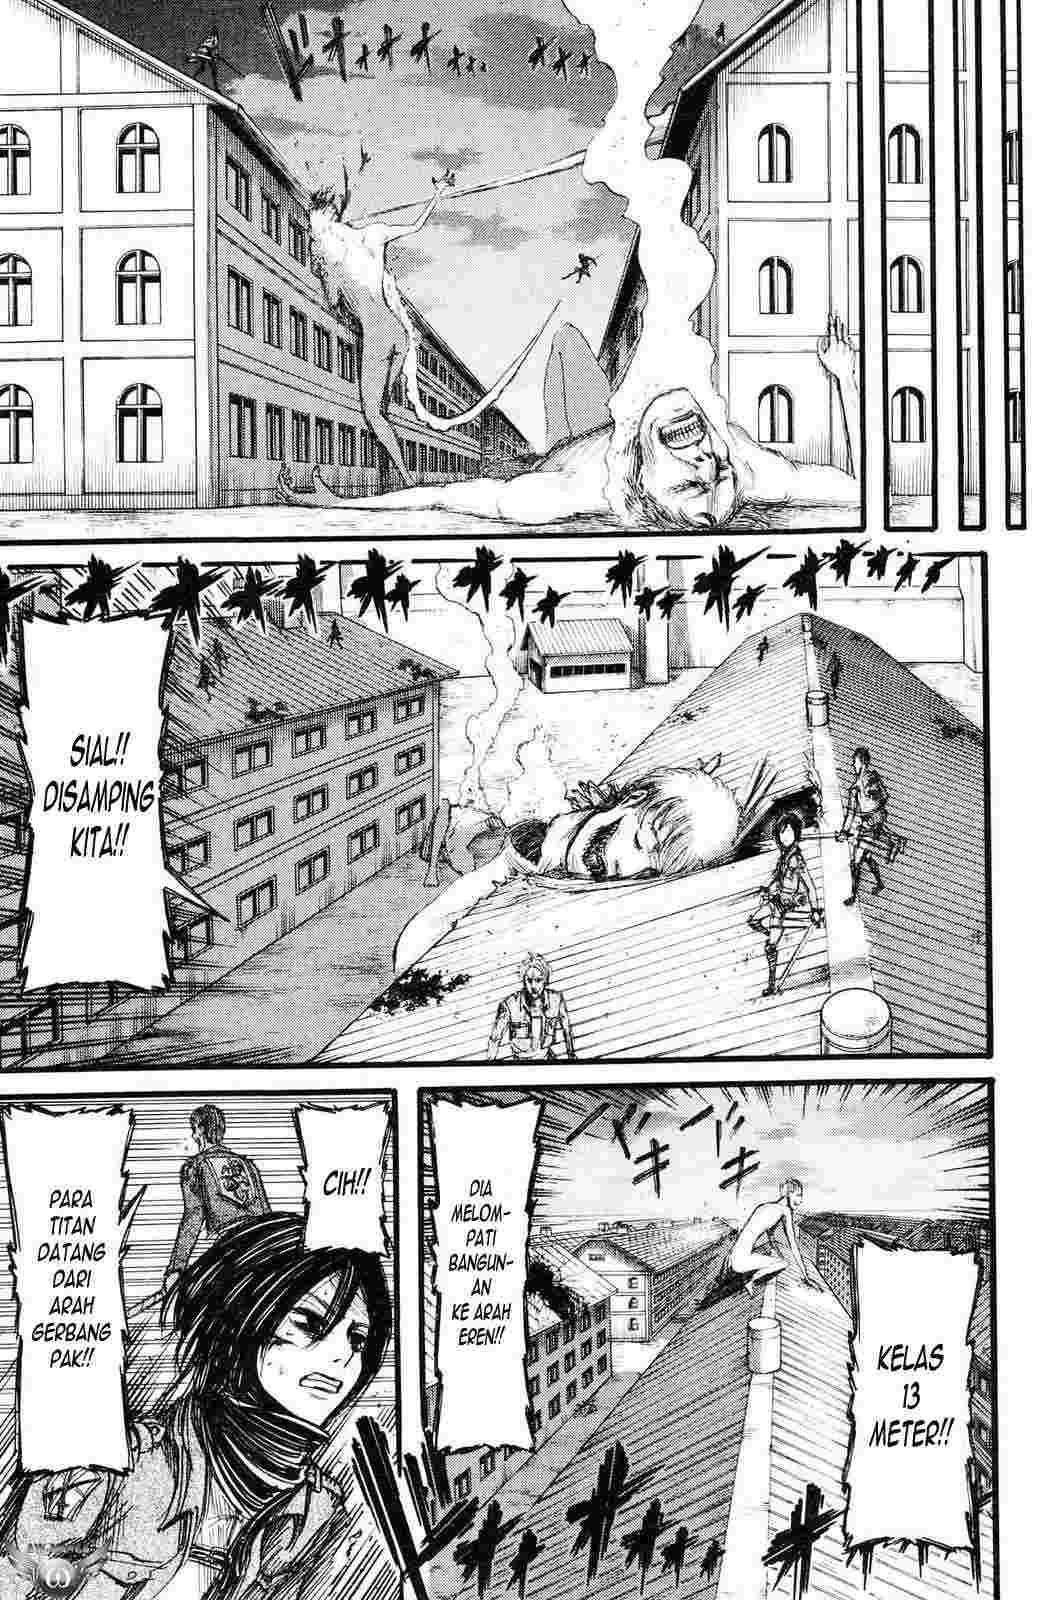 Komik shingeki no kyojin 013 - Luka 14 Indonesia shingeki no kyojin 013 - Luka Terbaru 26|Baca Manga Komik Indonesia|Mangaku